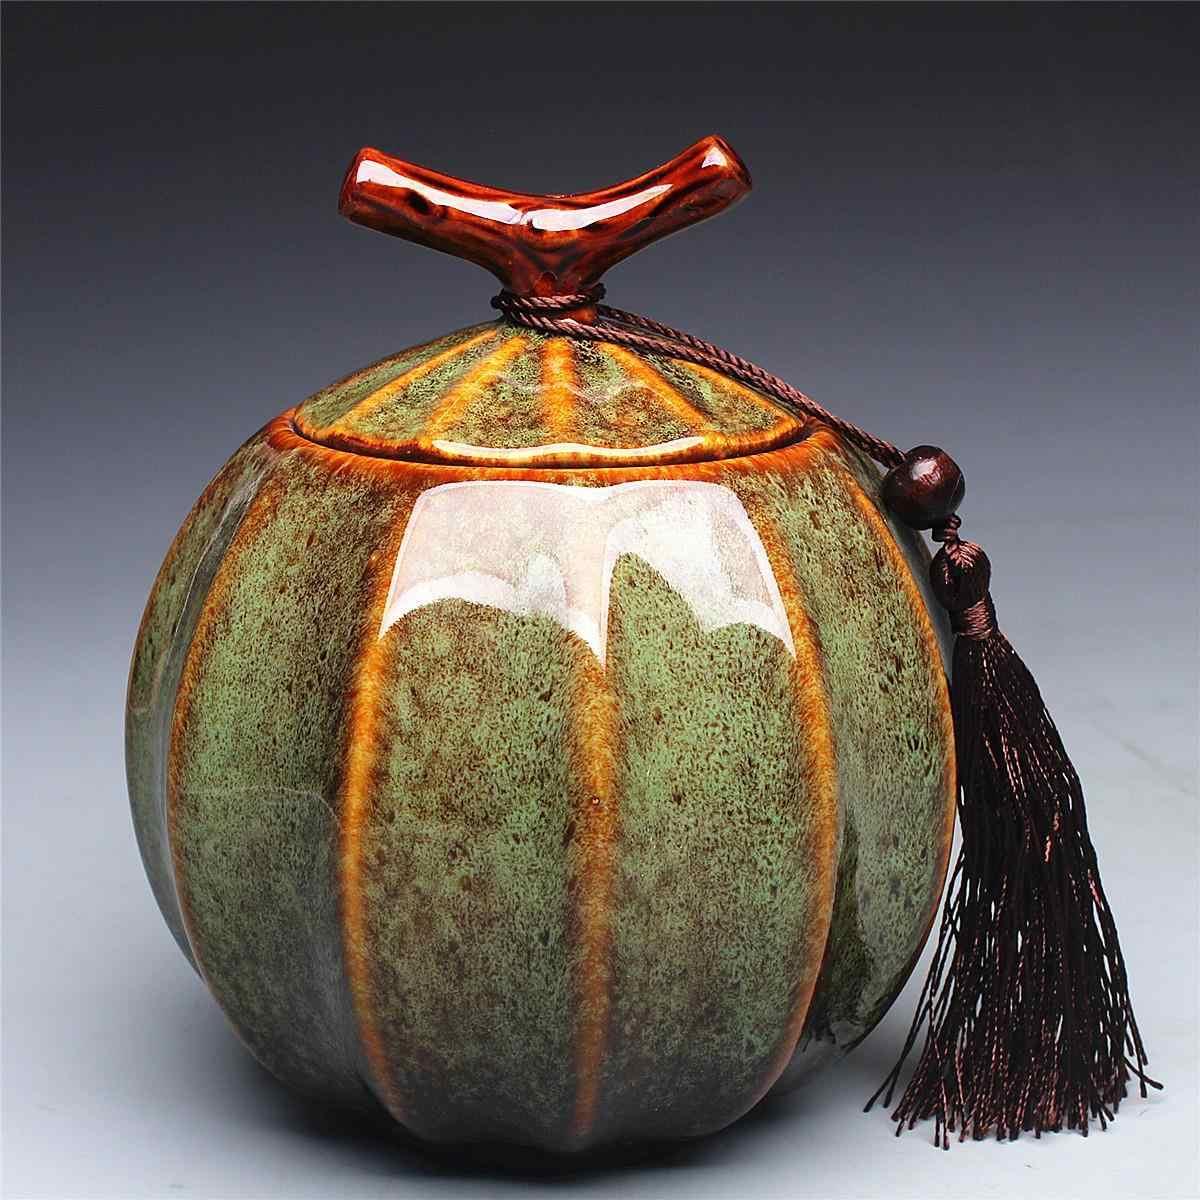 اليقطين نمط الشاي جرة شاي سيراميك برميل الشاي الأسود مختومة خزان خزان بوير Teacaddy 5 اللون اختياري Onsale